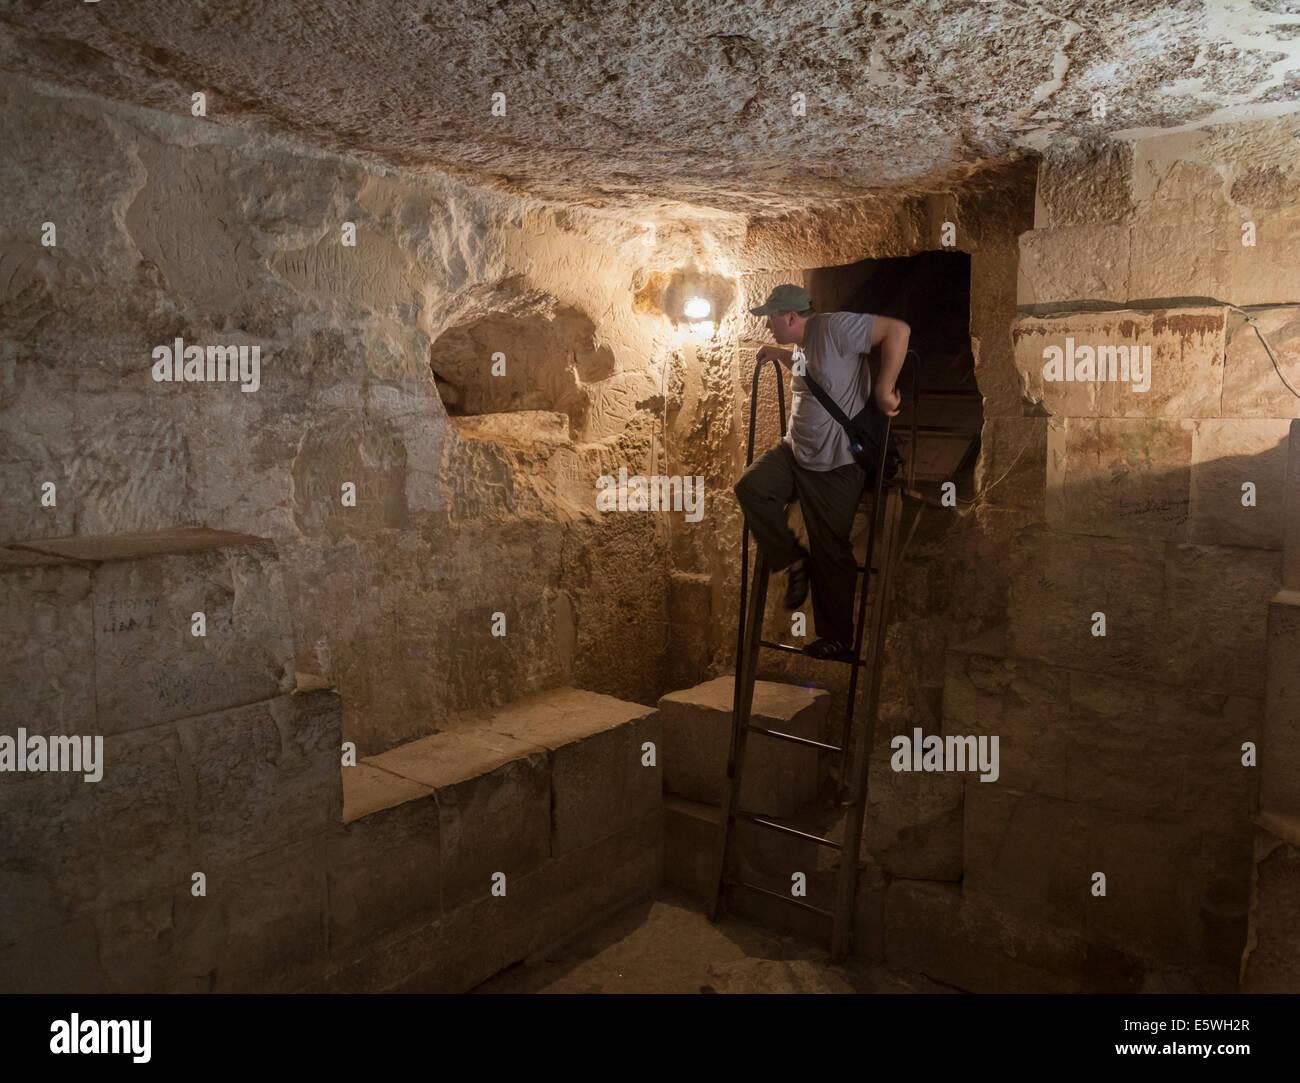 Tourist l'intérieur de l'une des pyramides de Gizeh au Caire, Egypte Photo Stock